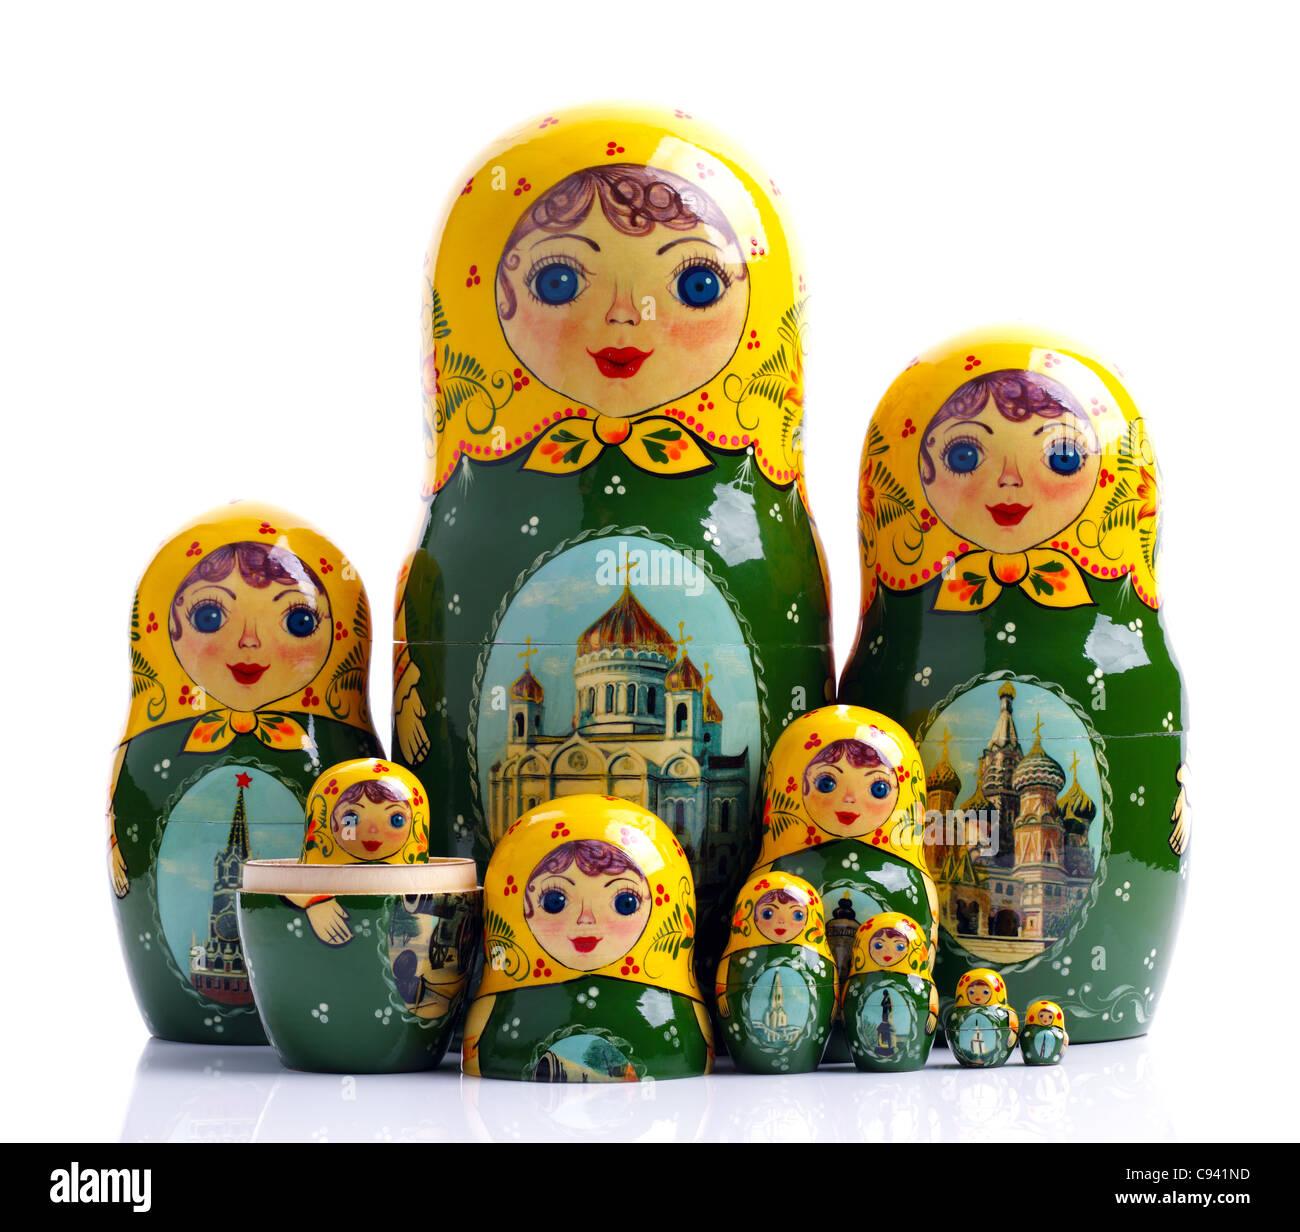 Matryoshka - Federación de muñecas anidadas Imagen De Stock